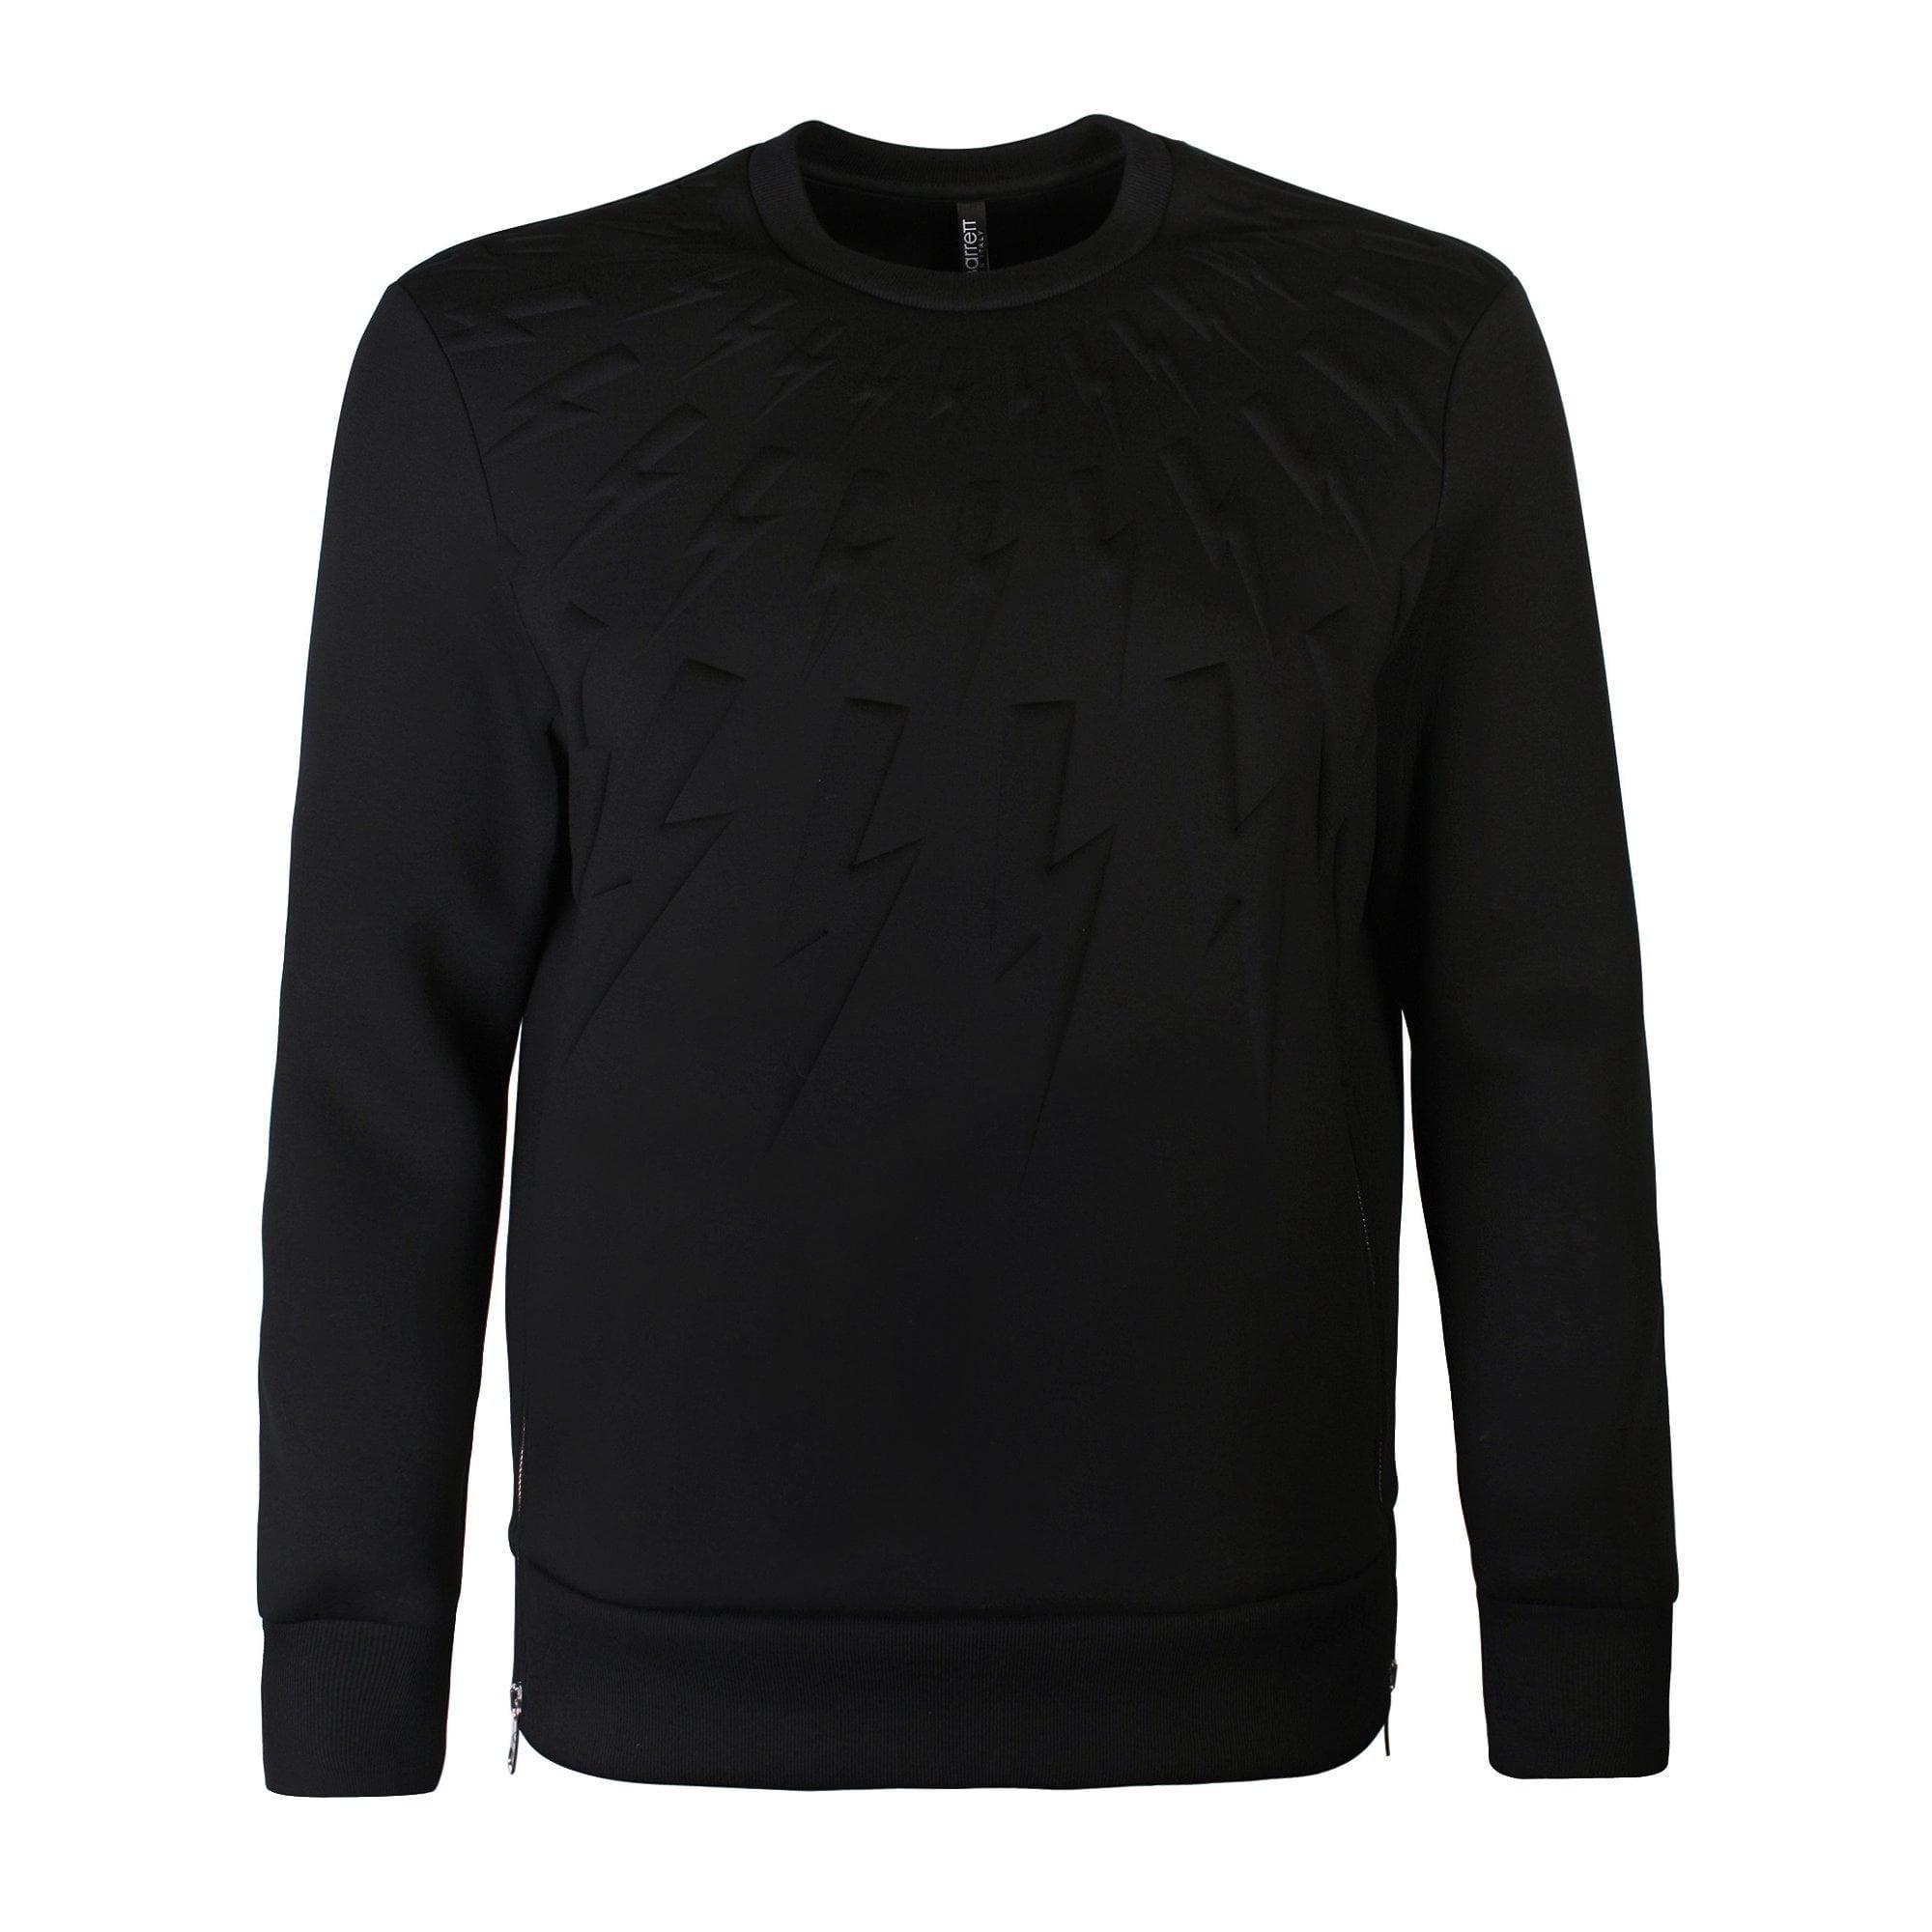 58fc2cf87 Neil Barrett Black Neoprene Lightning Bolt Sweatshirt in Black for ...